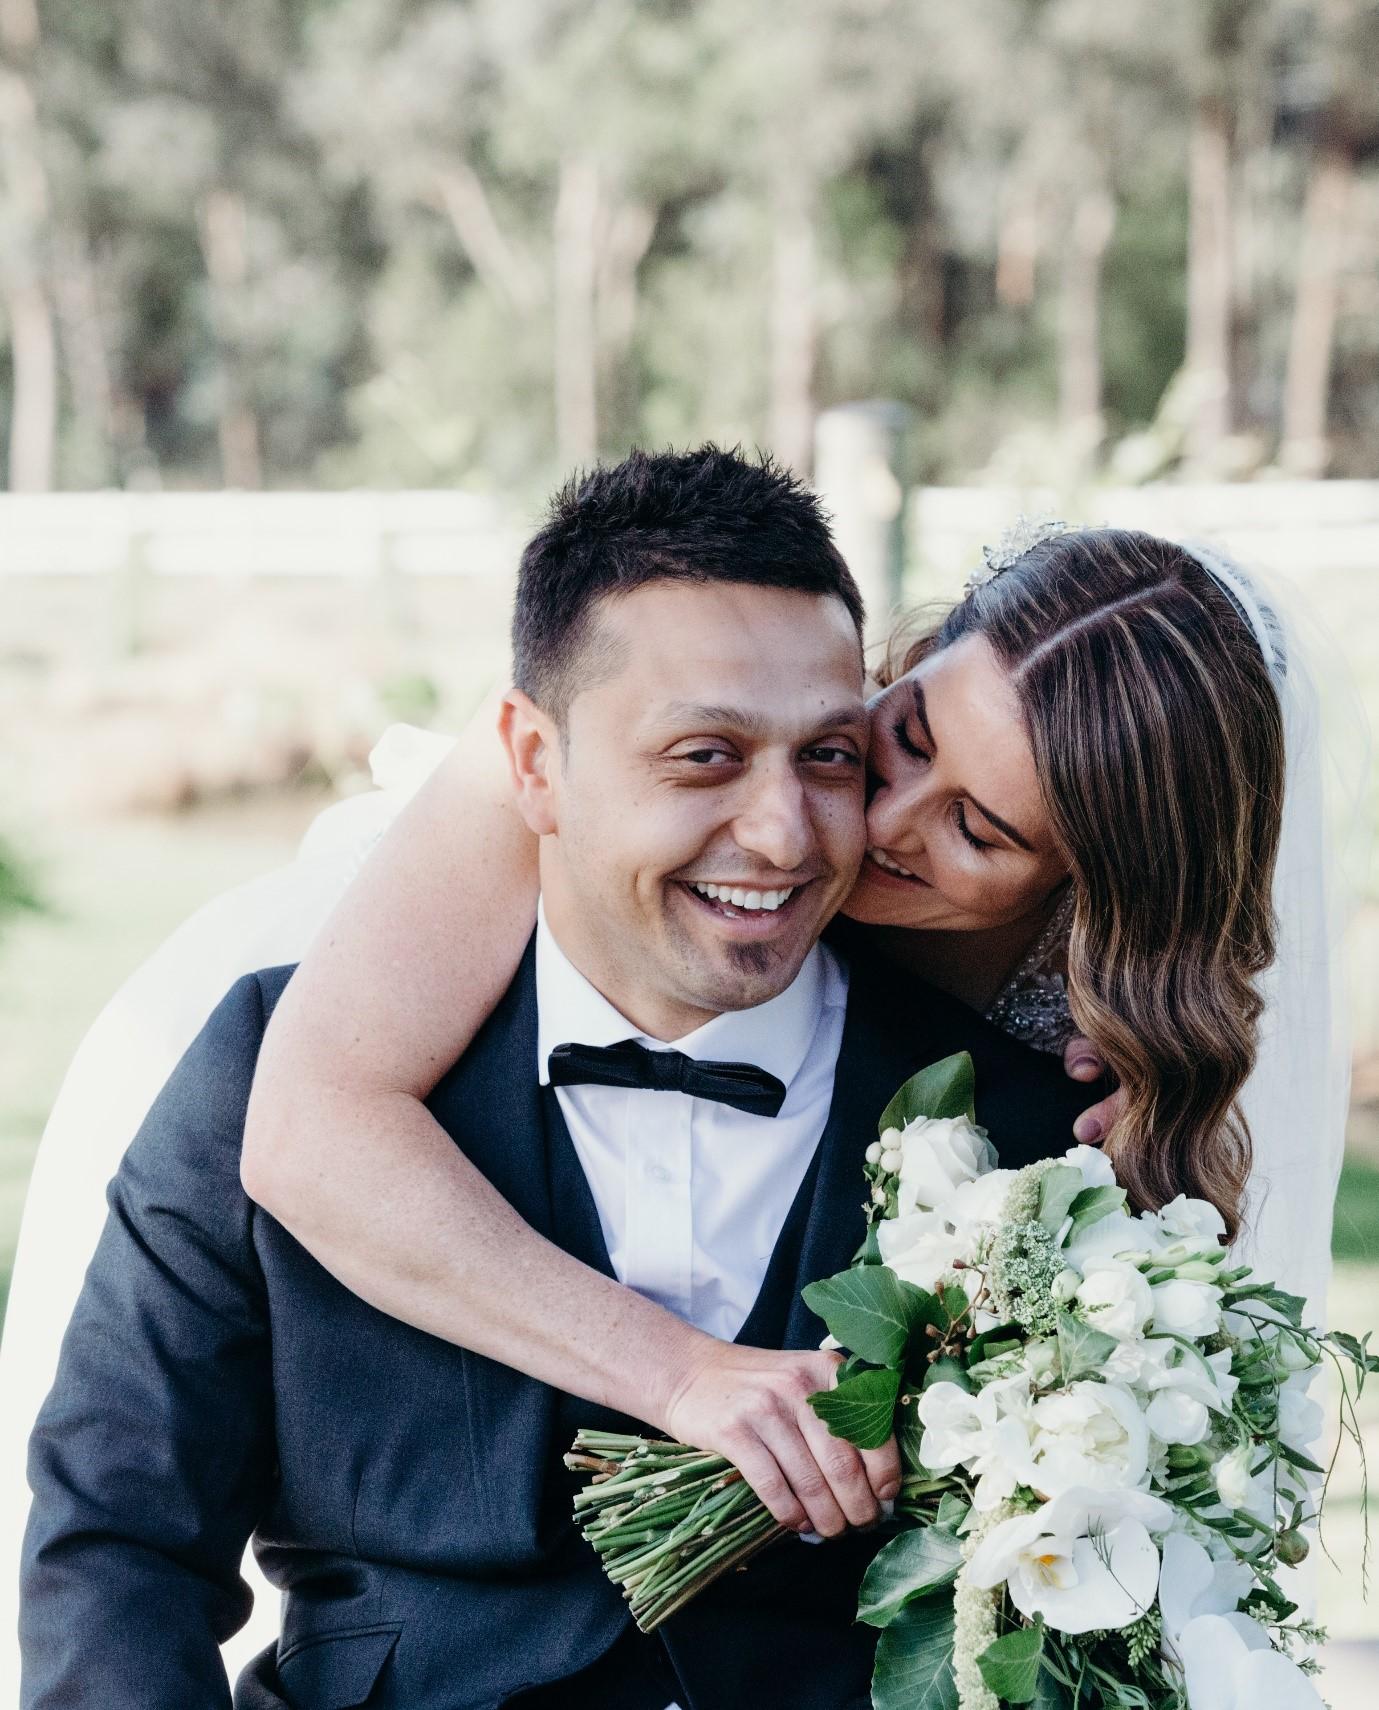 Julie Byrne Celebrant - Potters Reception - Crystal and Kadir's Wedding Ceremony